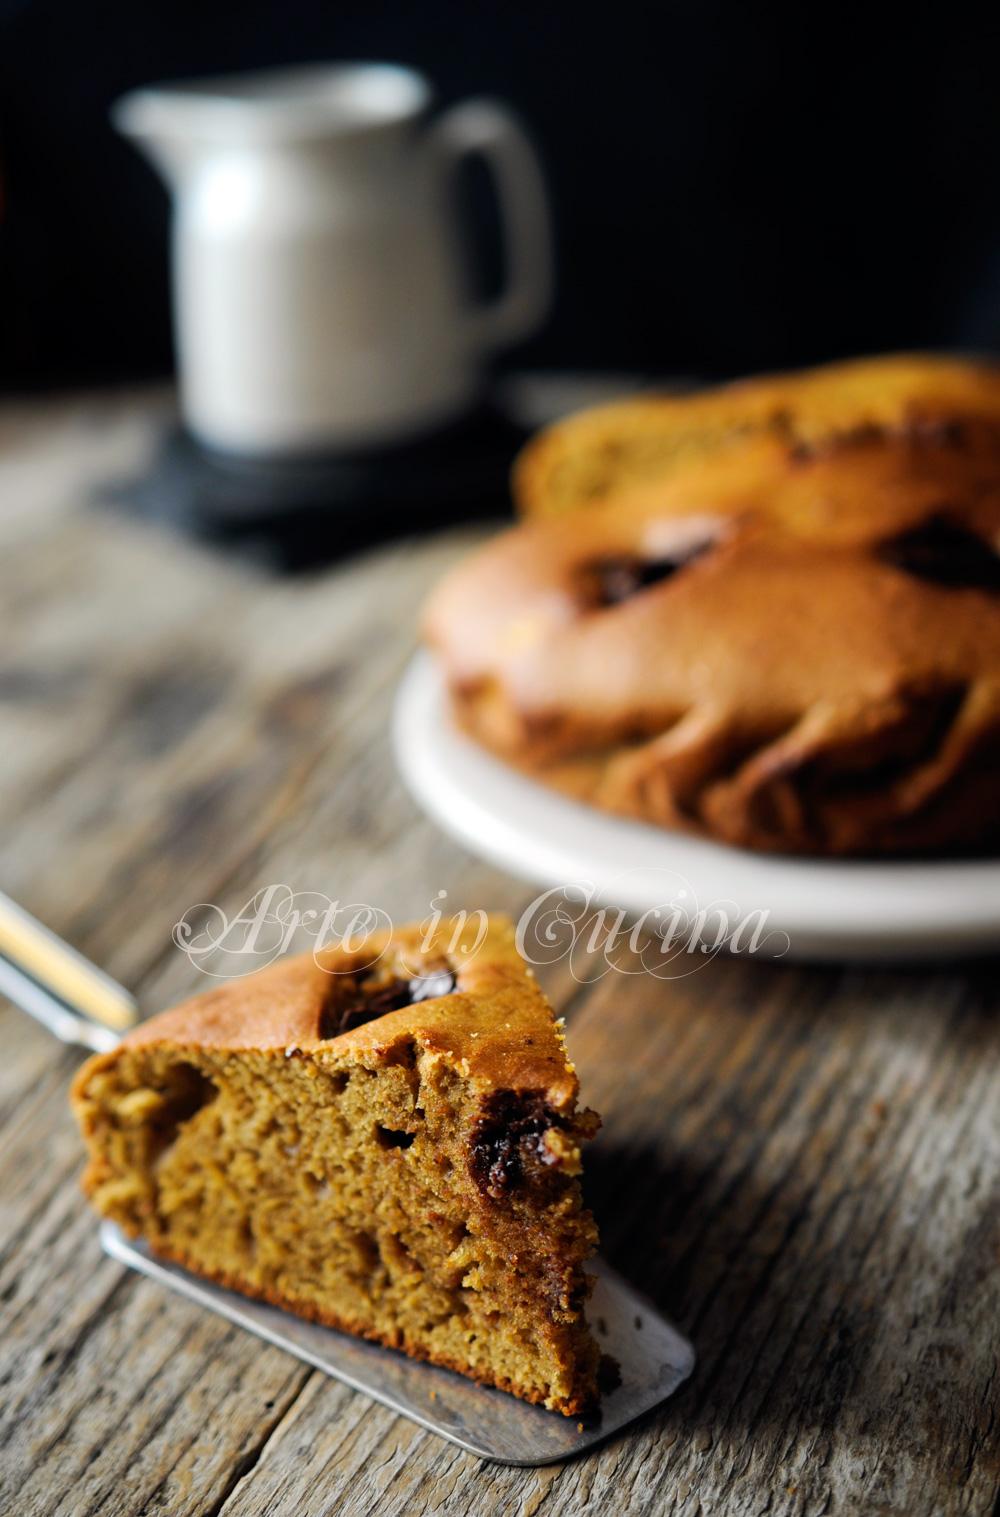 Torta al caffè ricotta e cioccolato senza burro vickyart arte in cucina